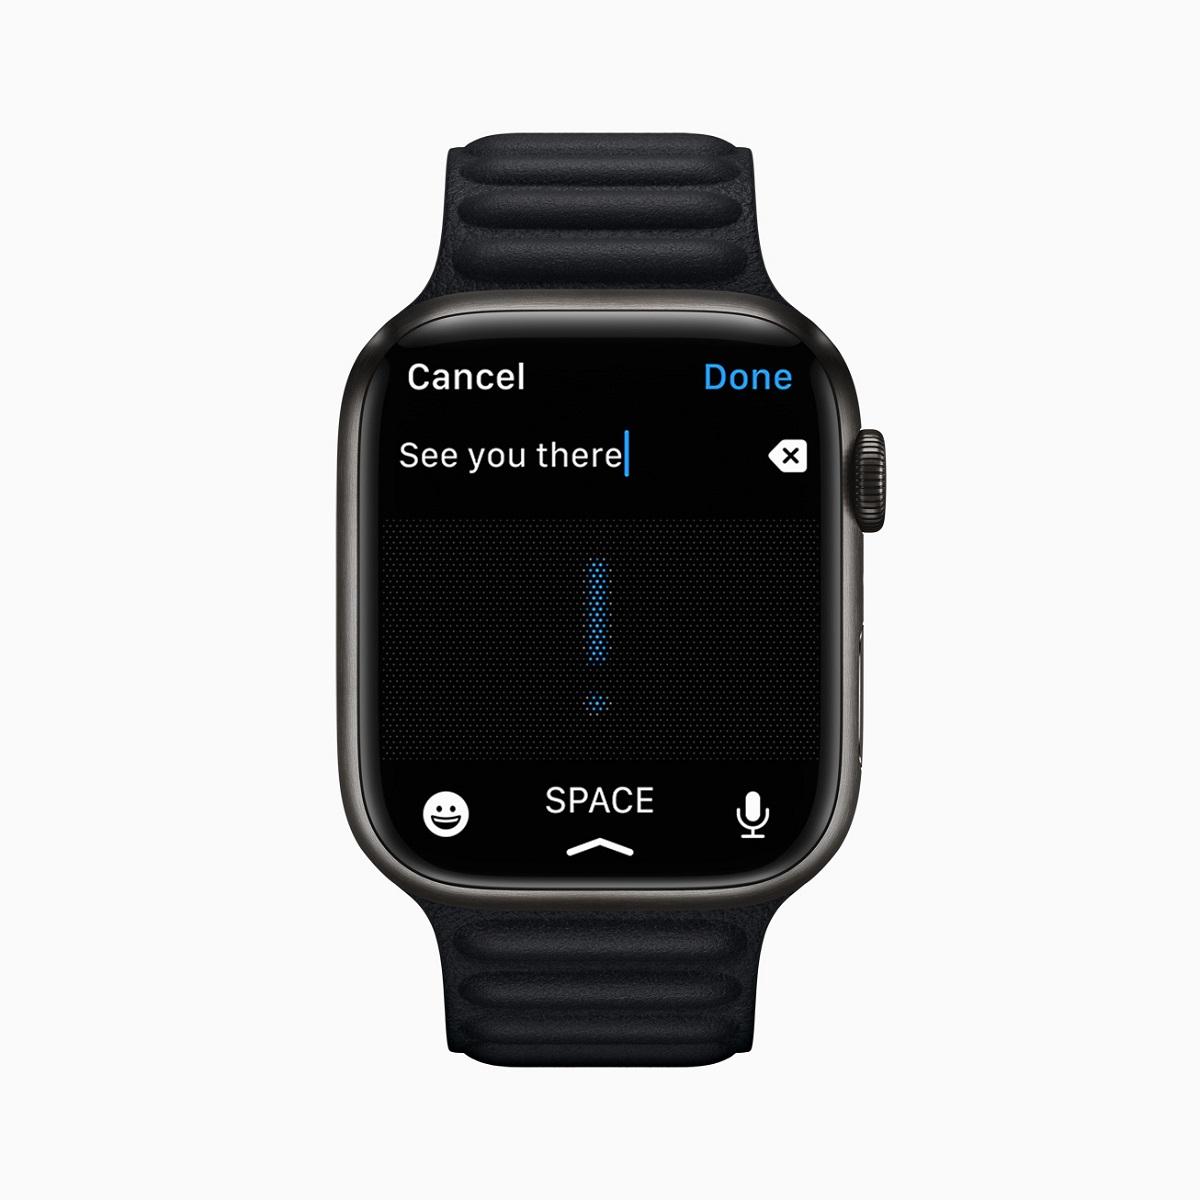 Пользователи Apple Watch теперь могут комбинировать использование каракулей, диктовки и эмодзи в одном сообщении.